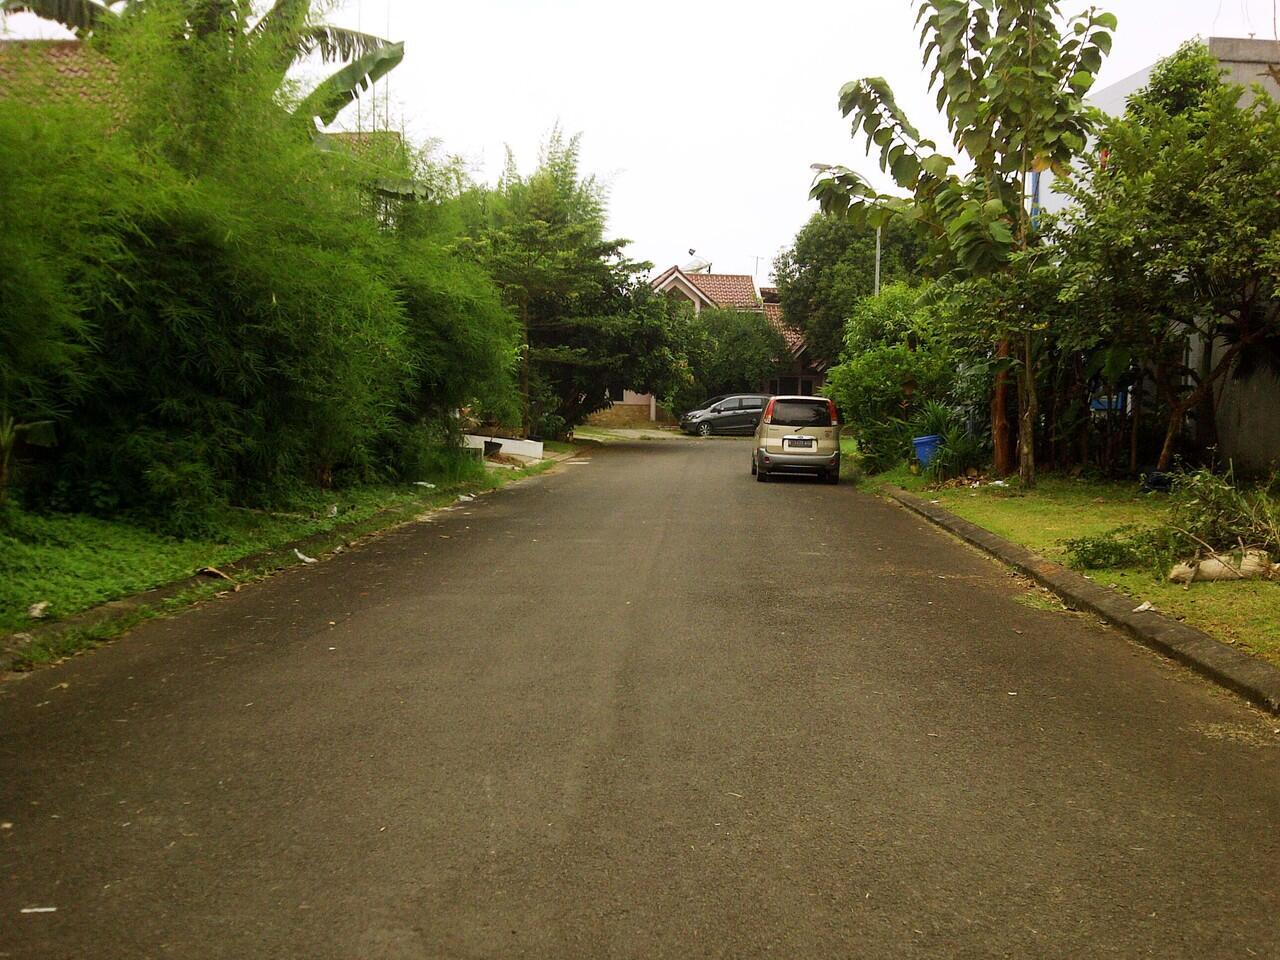 Rumah Alam Sutera Siap Huni, Lokasi bagus, Harga Murah